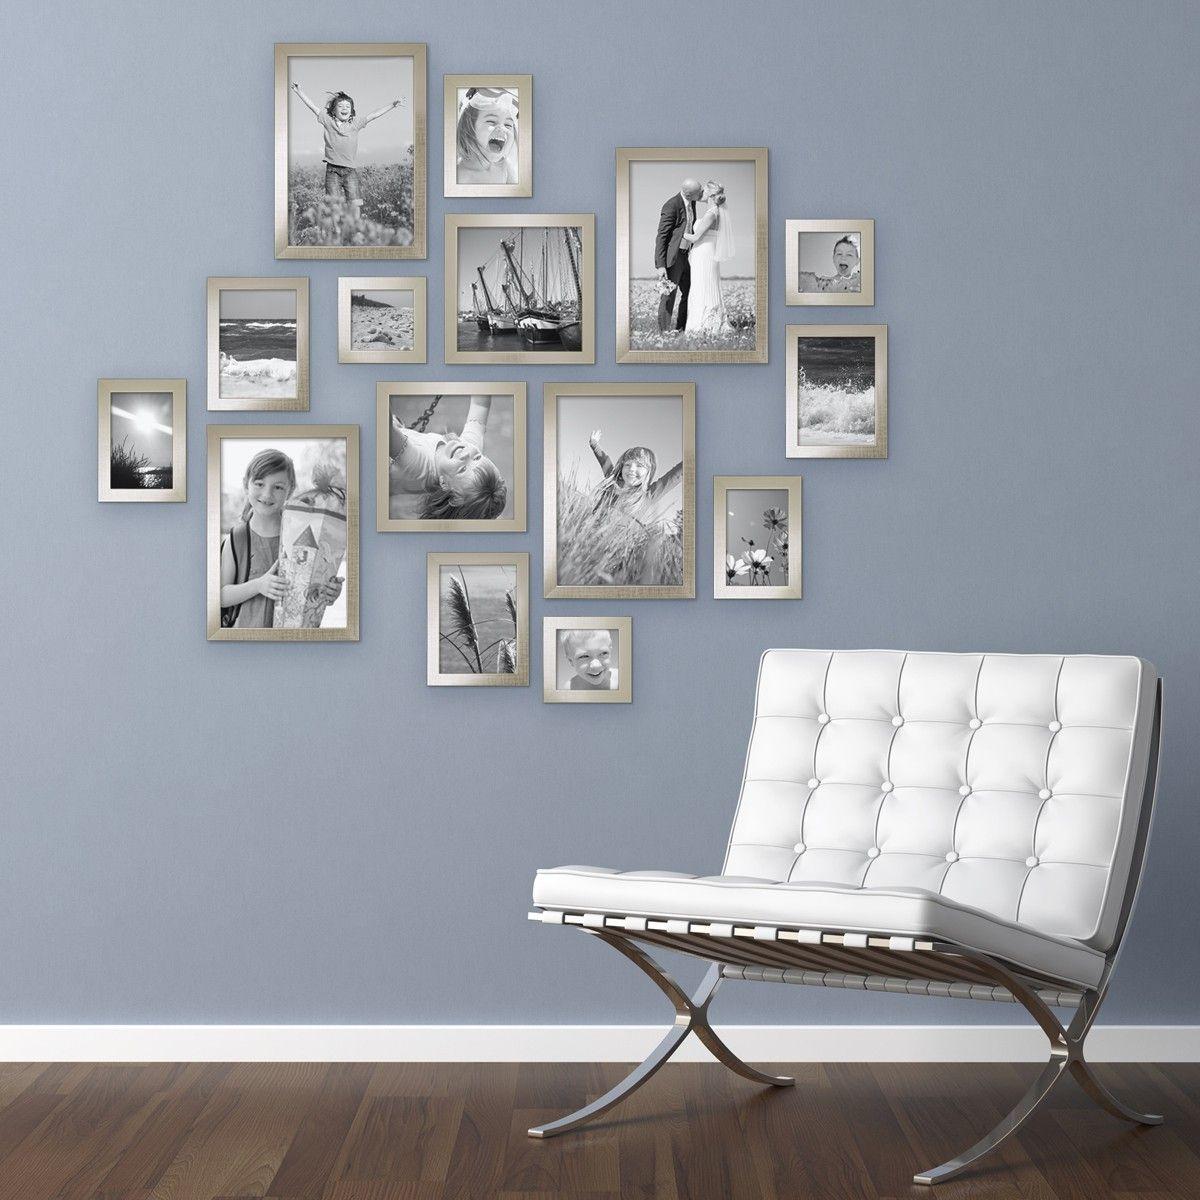 15er Set Bilderrahmen Modern Silber Massivholz 10x15 Bis 20x30 Cm Inklusive  Zubehör Zur Gestaltung Einer Collage Amazing Pictures